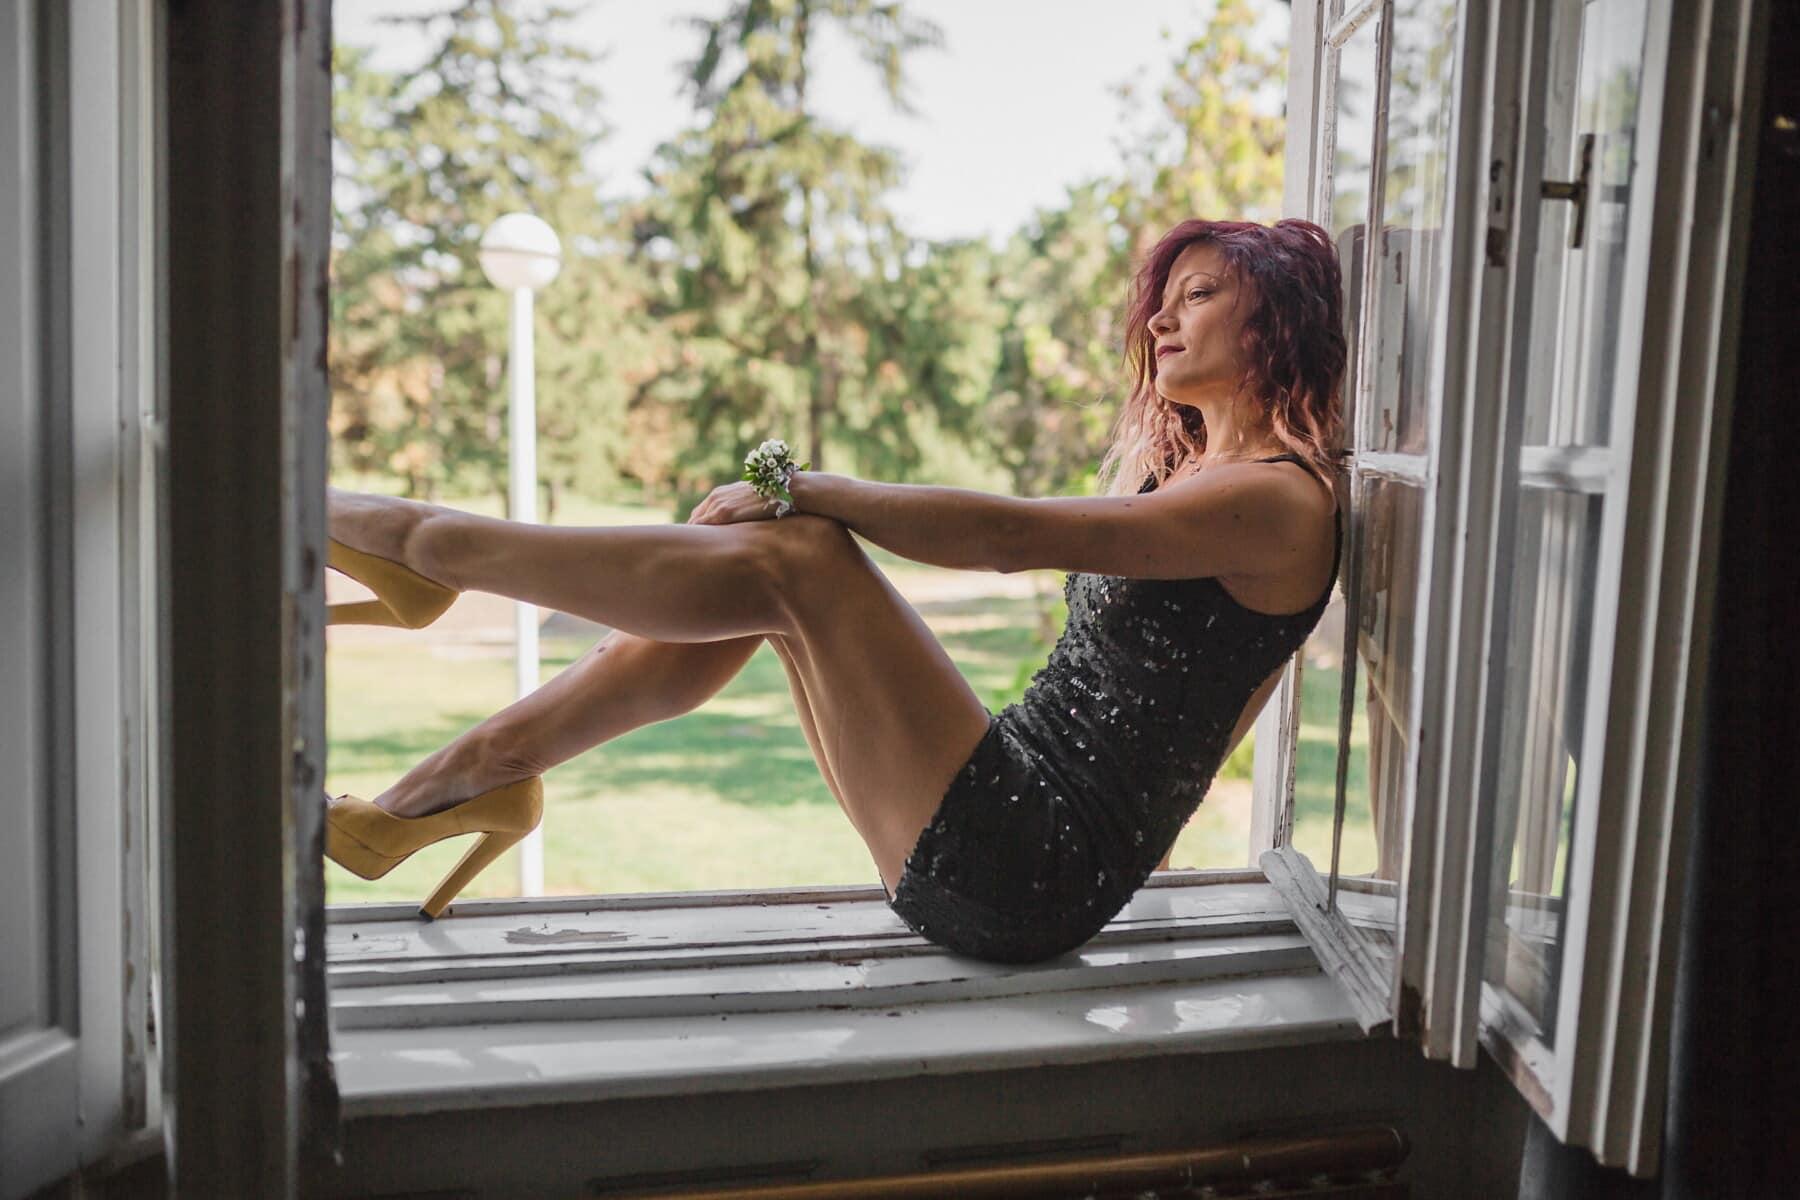 schlank, junge Frau, posiert, Körper, Beine, hinlegen, Modell, Frau, Mädchen, Fenster